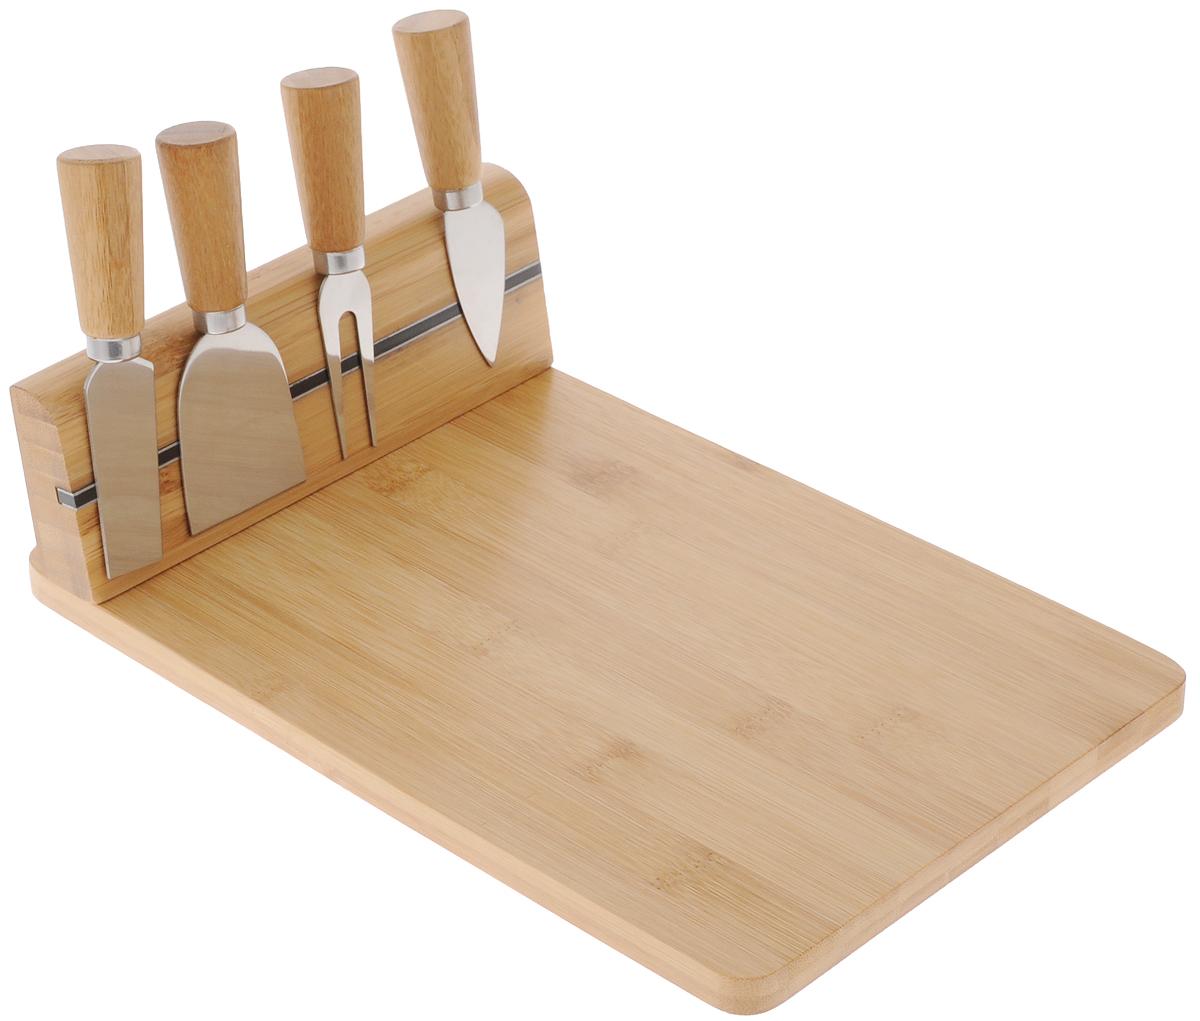 Набор для резки сыра Kesper, 5 предметов5064-1Набор Kesper предназначен для нарезки сыра твердых и мягких сортов. В комплект входят разделочная доска с магнитным бортиком, который соединяется с помощью шурупов (в комплект не входят), три ножа и вилка. Изделия выполнены из высококачественного бамбука и нержавеющей стали. Такой набор удобен в применении и компактен. Он послужит прекрасным подарком для родных и близких.Не рекомендуется мыть в посудомоечной машине. Размер доски: 30 х 20 х 8,6 см. Длина вилки: 12,2 см. Длина ножей: 12,2 см; 12,9 см; 12 см.